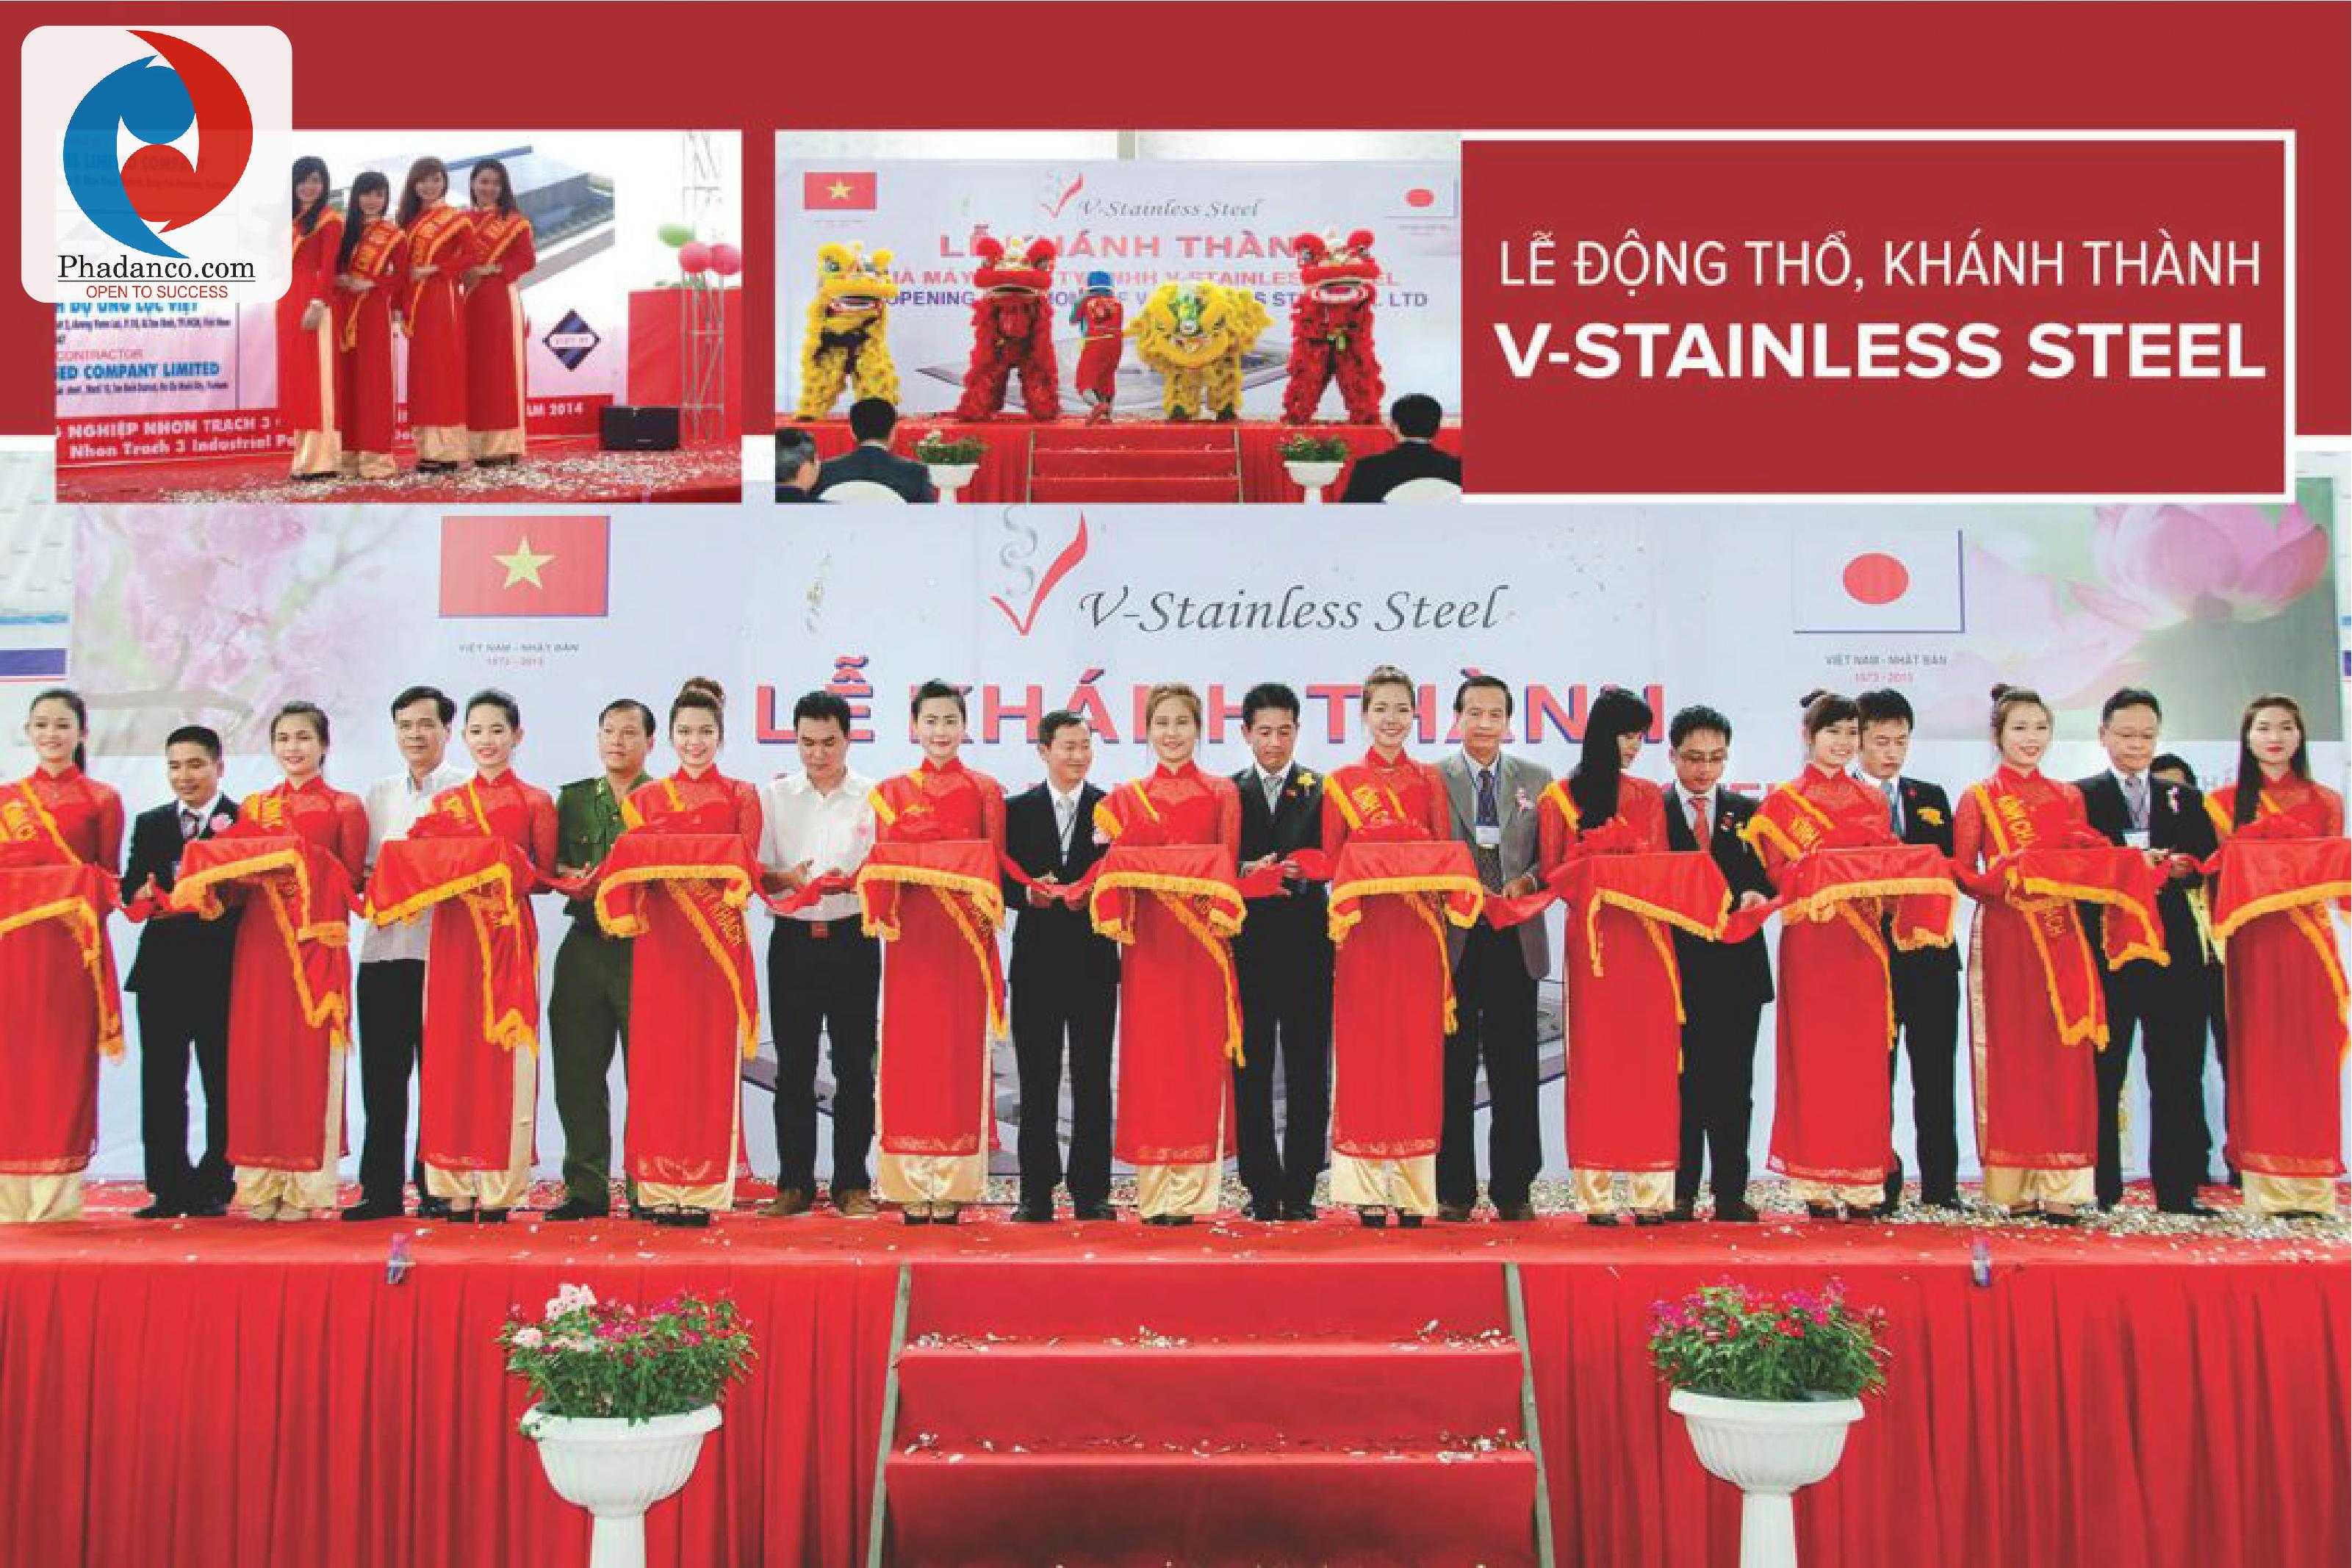 Công ty Truyền thông Phan Đăng tổ chức sự kiện cho Công ty V-Stainless Steel